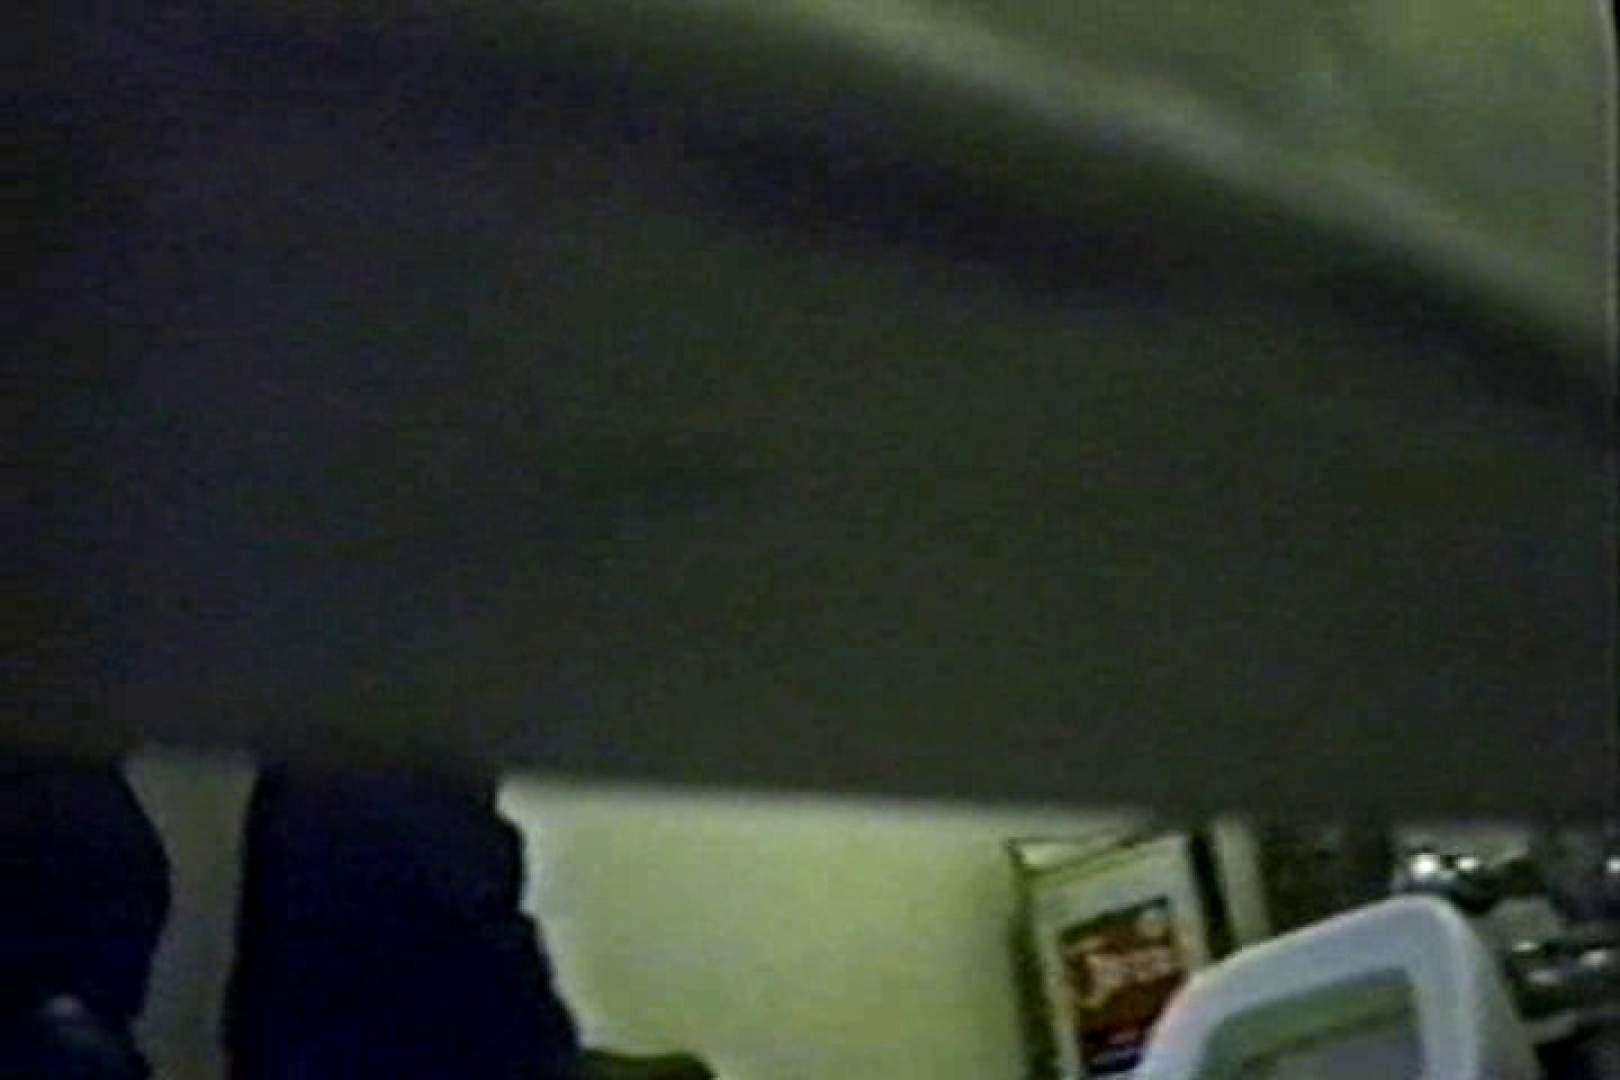 個室狂いのマニア映像Vol.1 おまんこ無修正  95画像 42